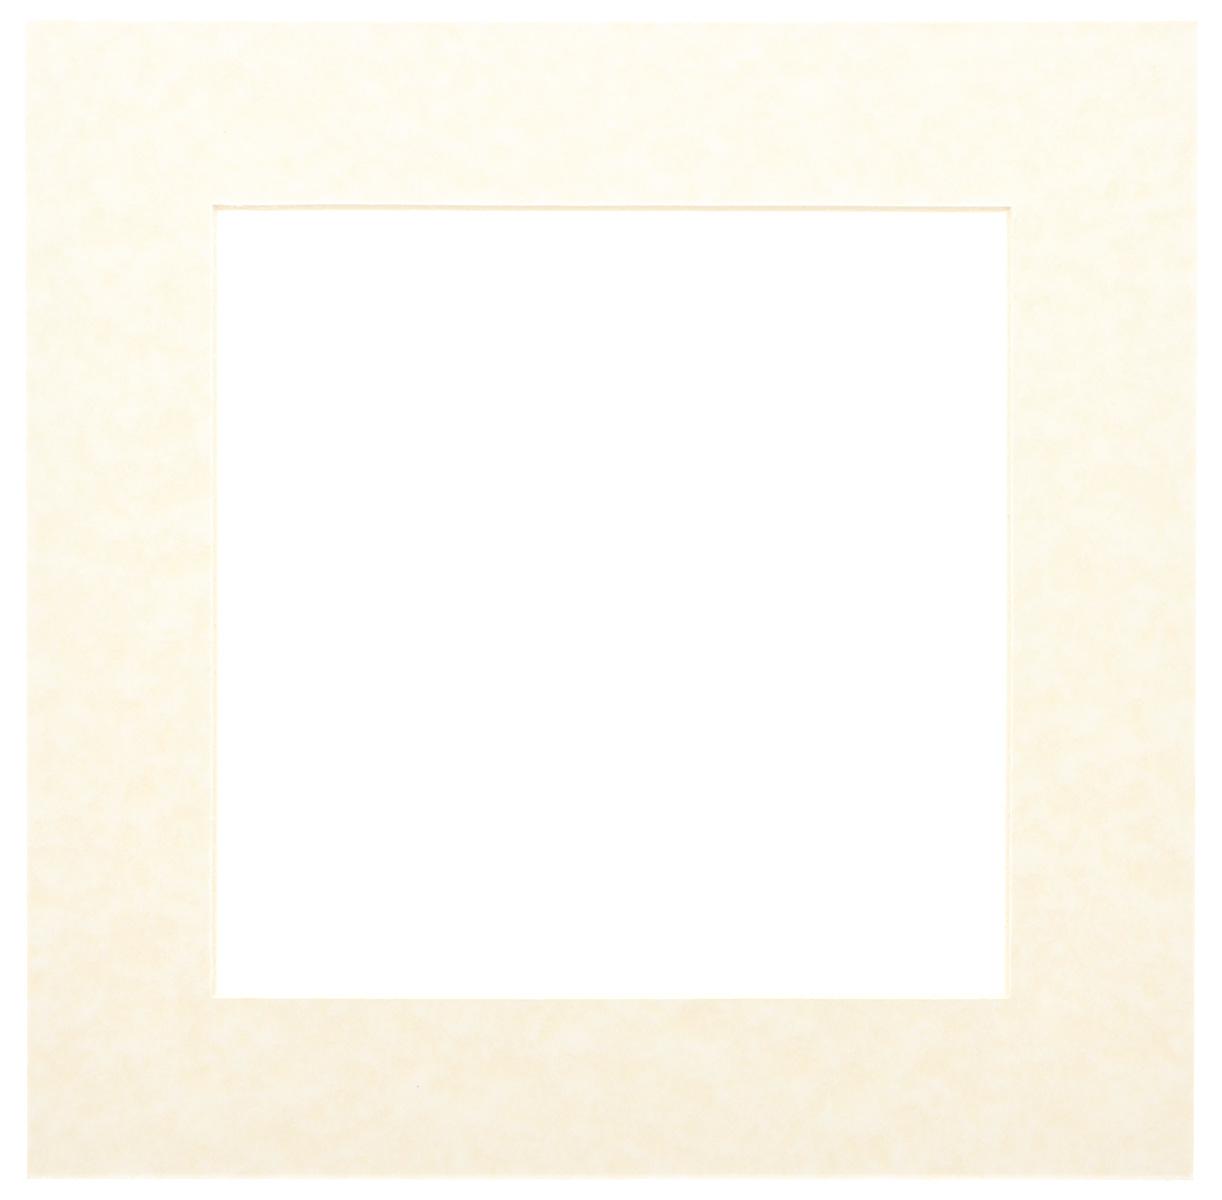 Паспарту Василиса, цвет: молочный, 17 х 17 см580667Паспарту Василиса, изготовленное из плотного картона, предназначено для оформления художественных работ и фотографий. Оно располагается между багетной рамой и изображением, делая акцент на фотографии, усиливая ее визуальное восприятие. Кроме того, на паспарту часто располагают поясняющие подписи, автограф изображенного. Внешний размер: 25 см х 25 см. Внутренний размер: 17 см х 17 см.